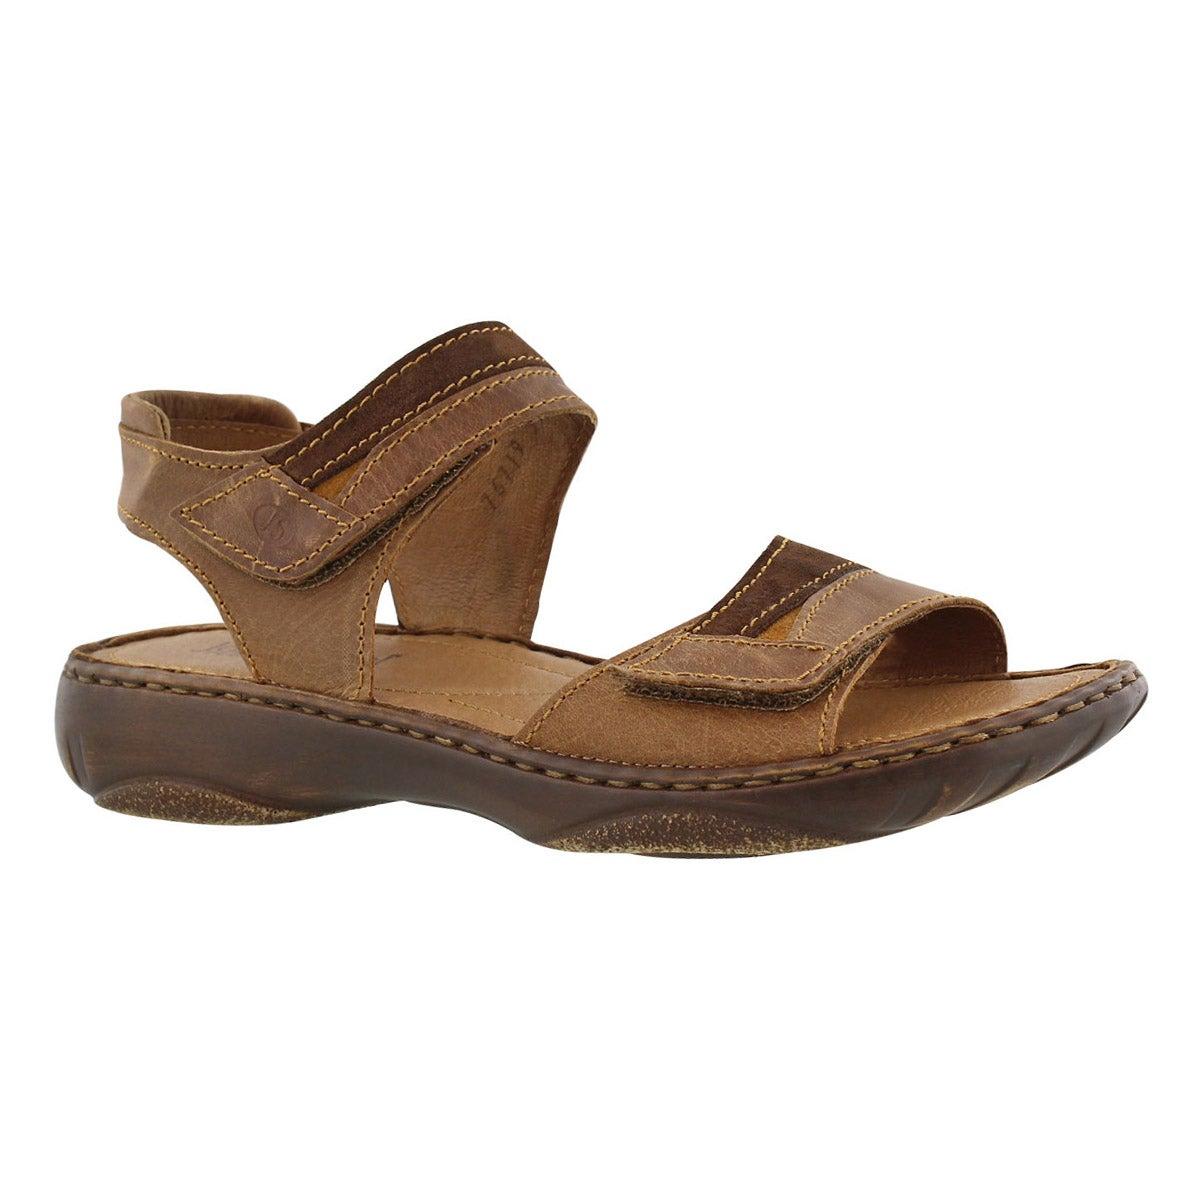 Women's DEBRA 19 castagne casual 2 strap sandals